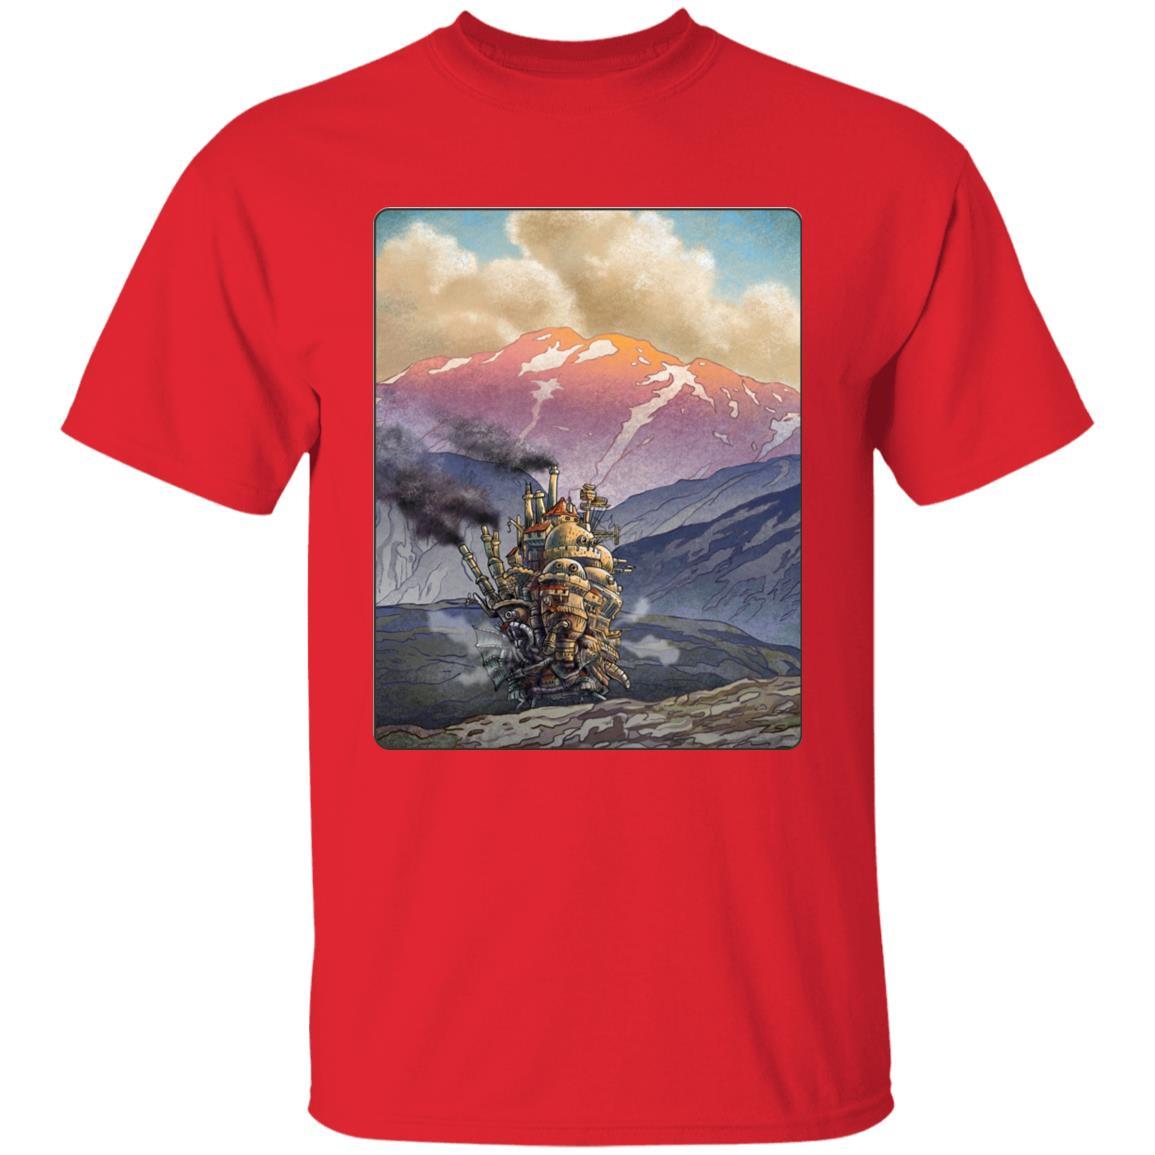 Howl's Moving Castle Landscape T Shirt